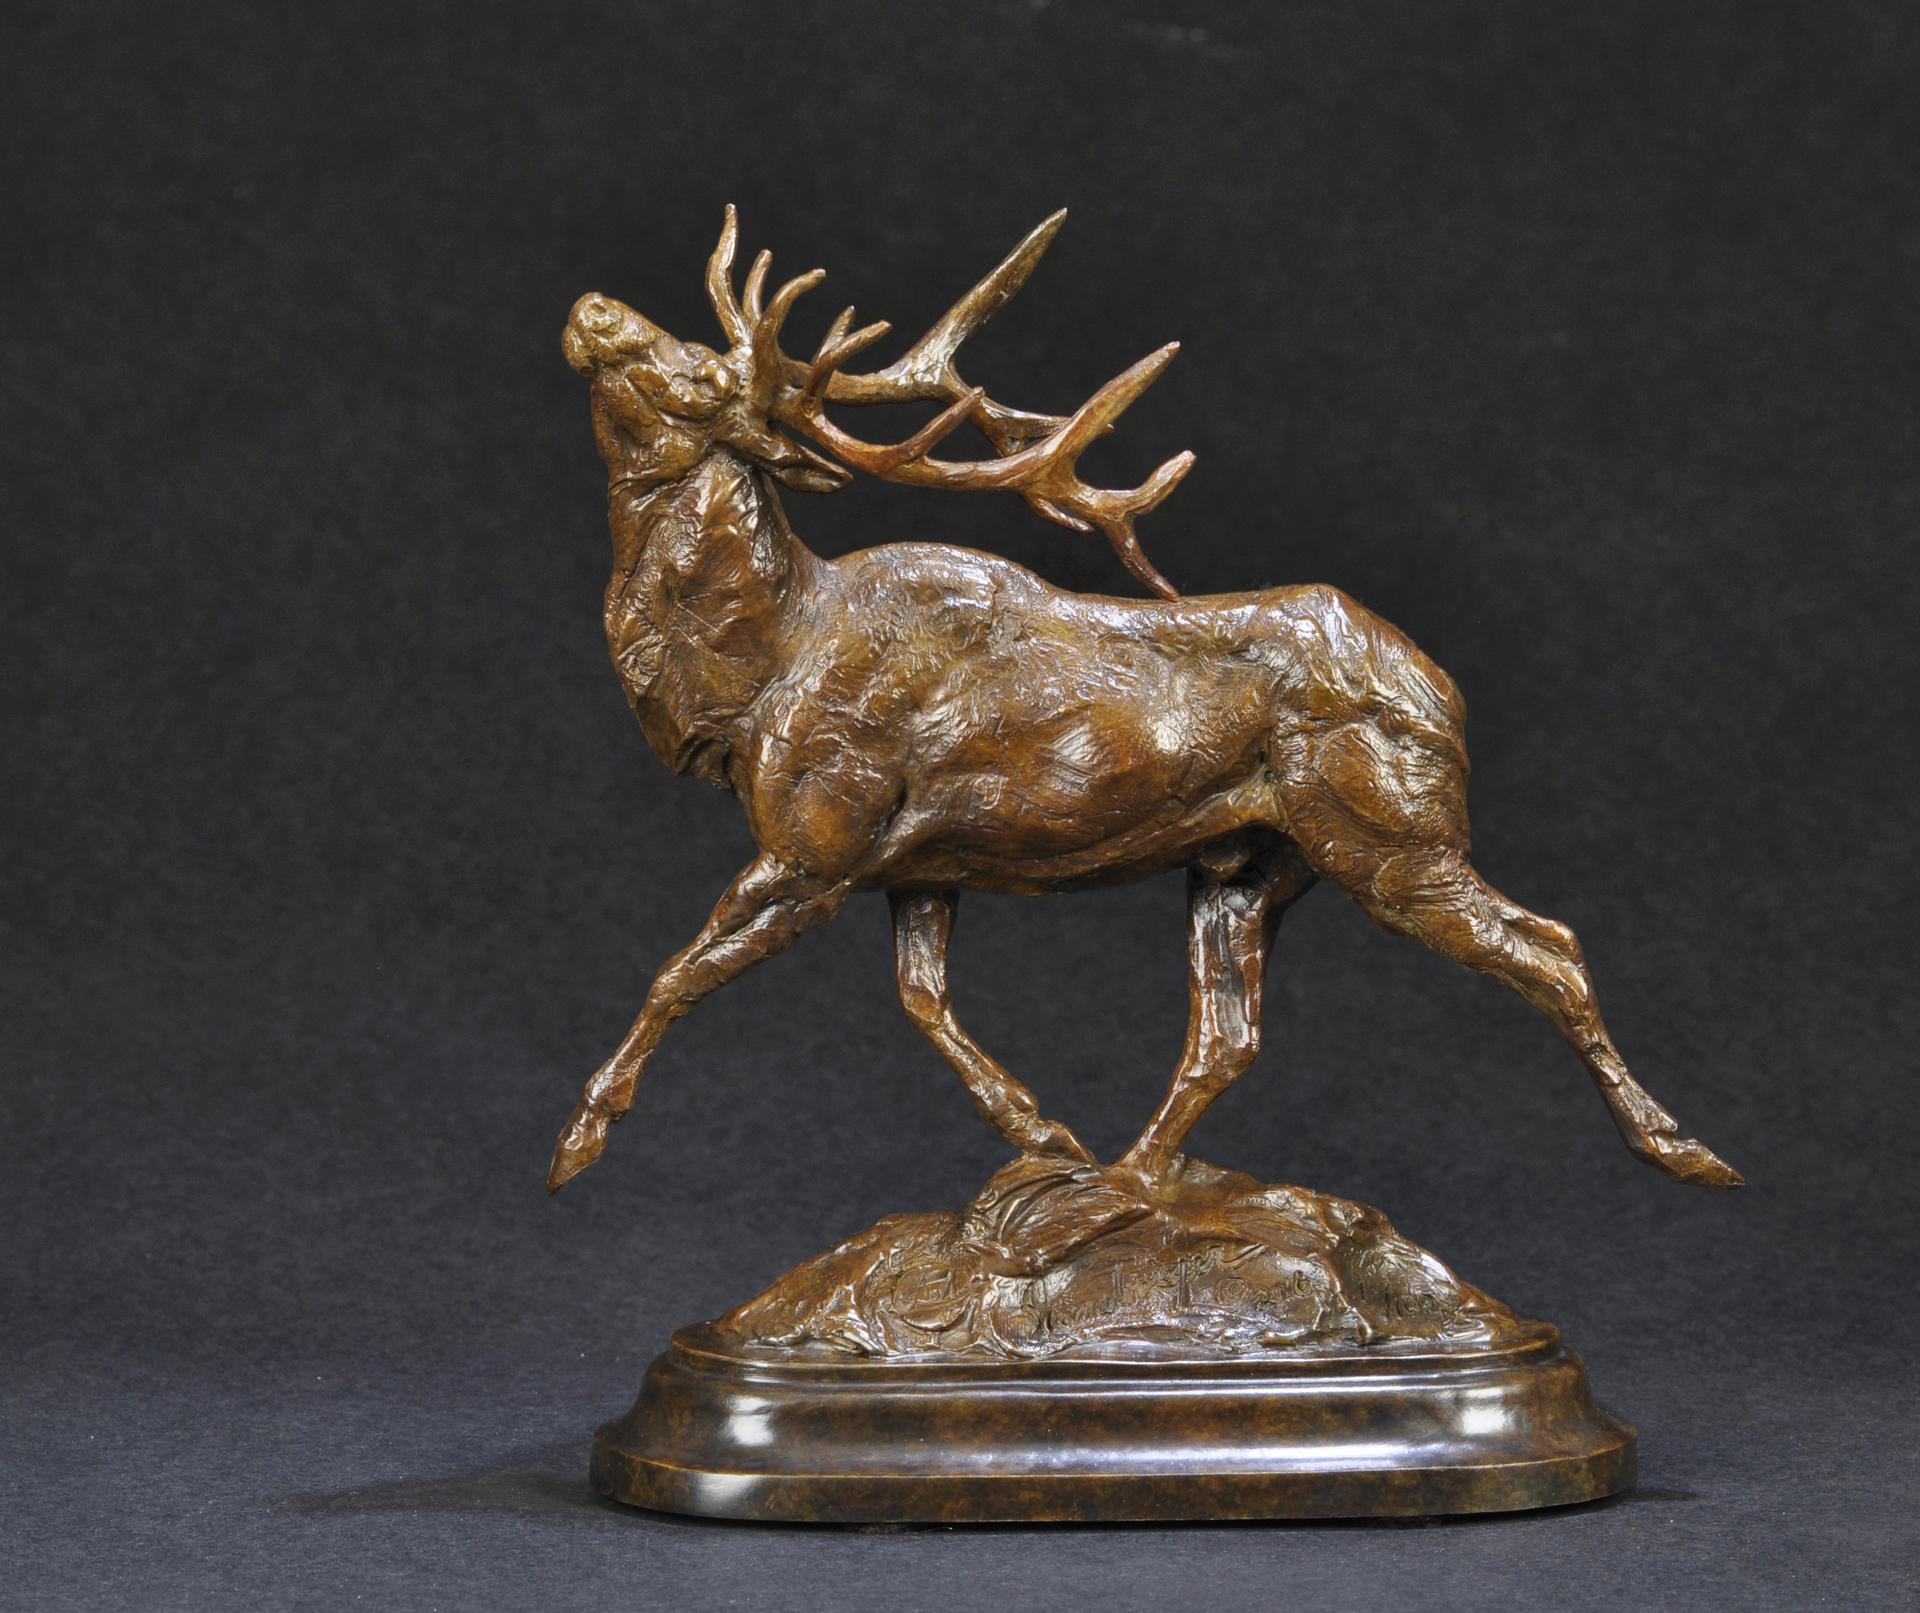 Wapiti (Elk) by Tim Shinabarger